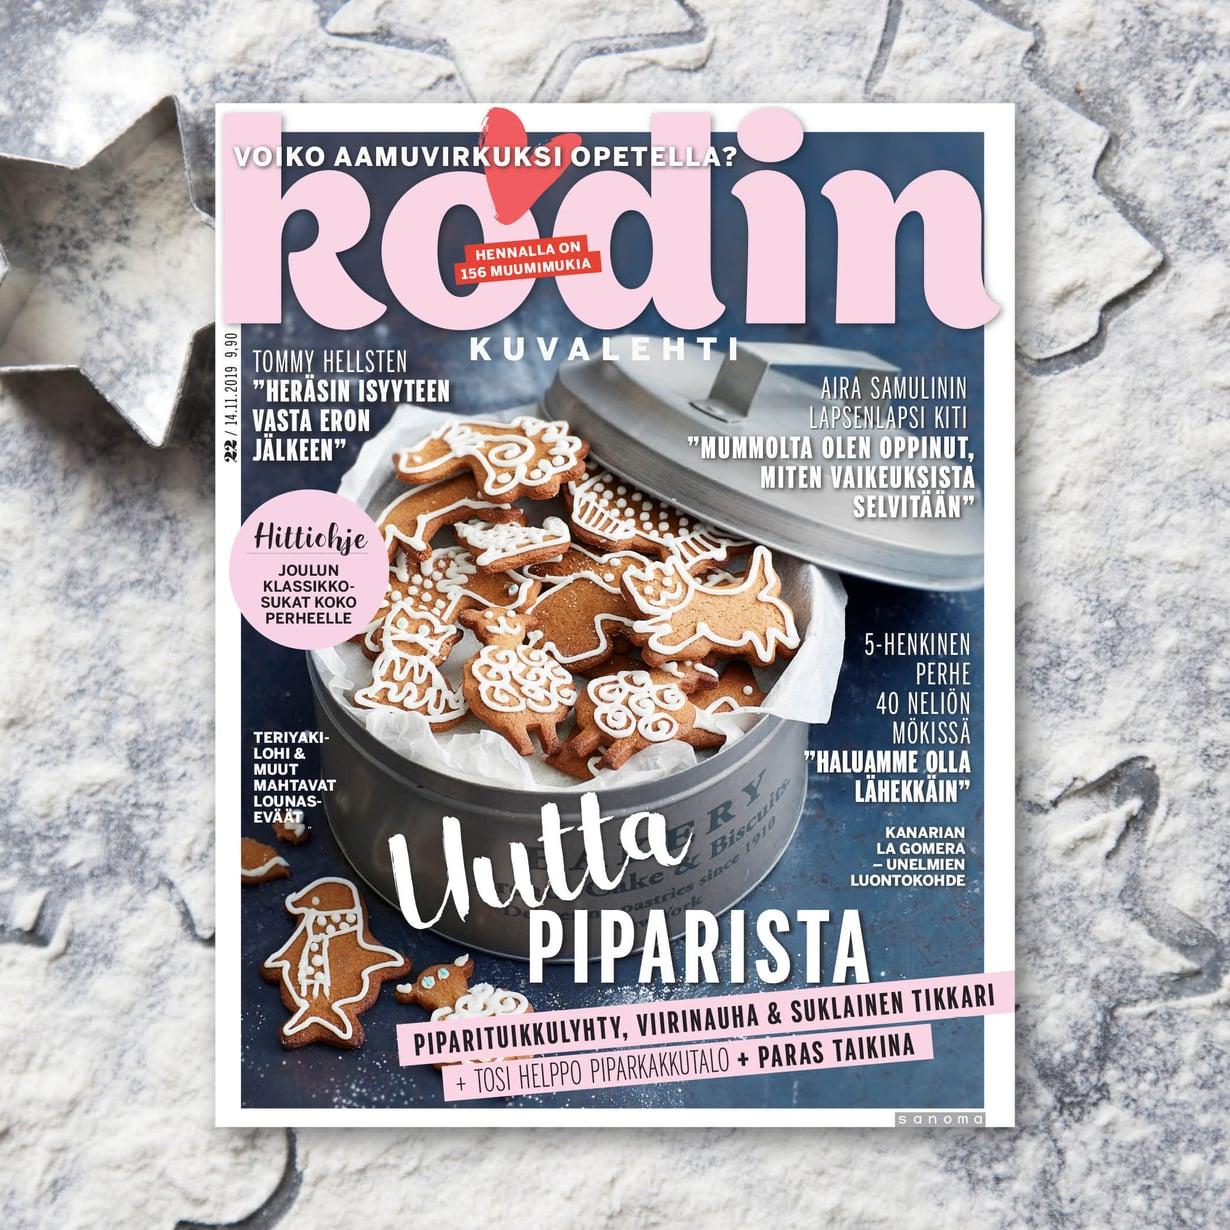 Kodin Kuvalehden numero 22/2019 jaetaan tilaajille Postin lakon päätyttyä.